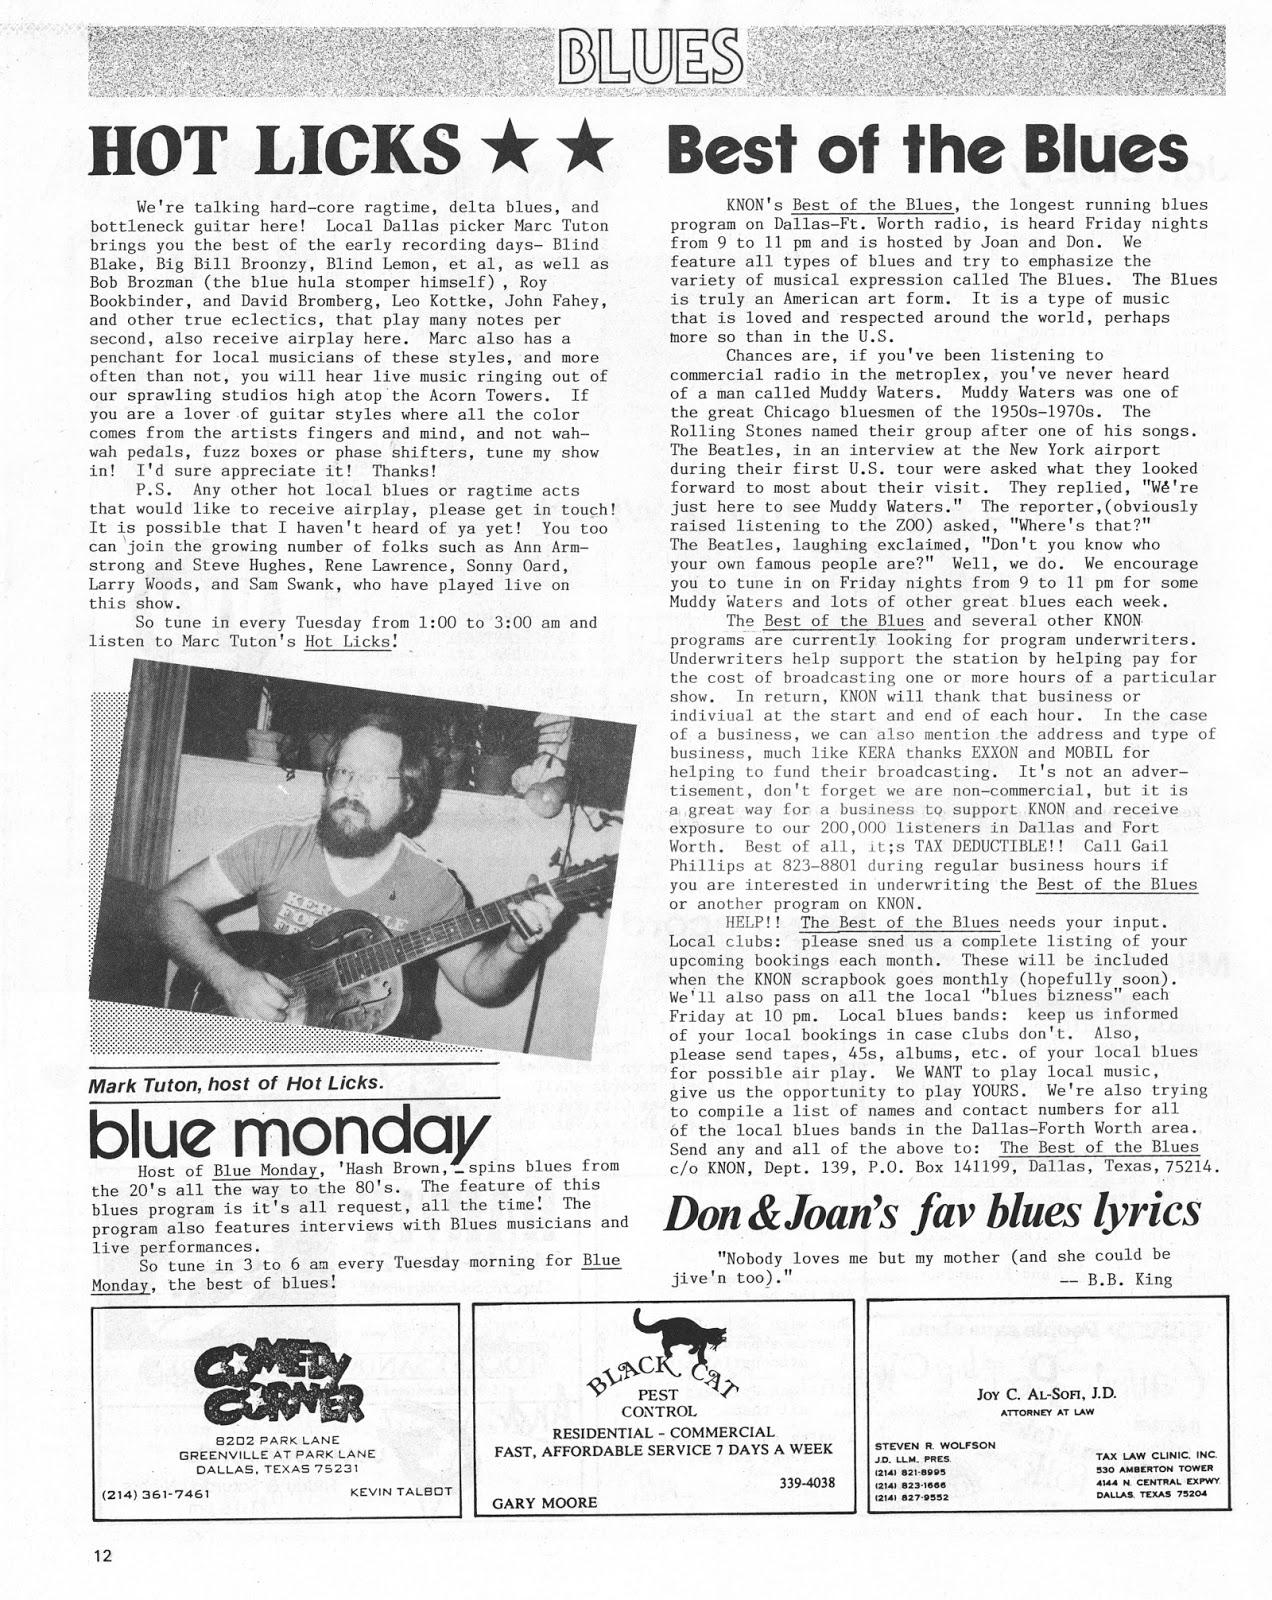 scrapbook-1986-issue-3-p12